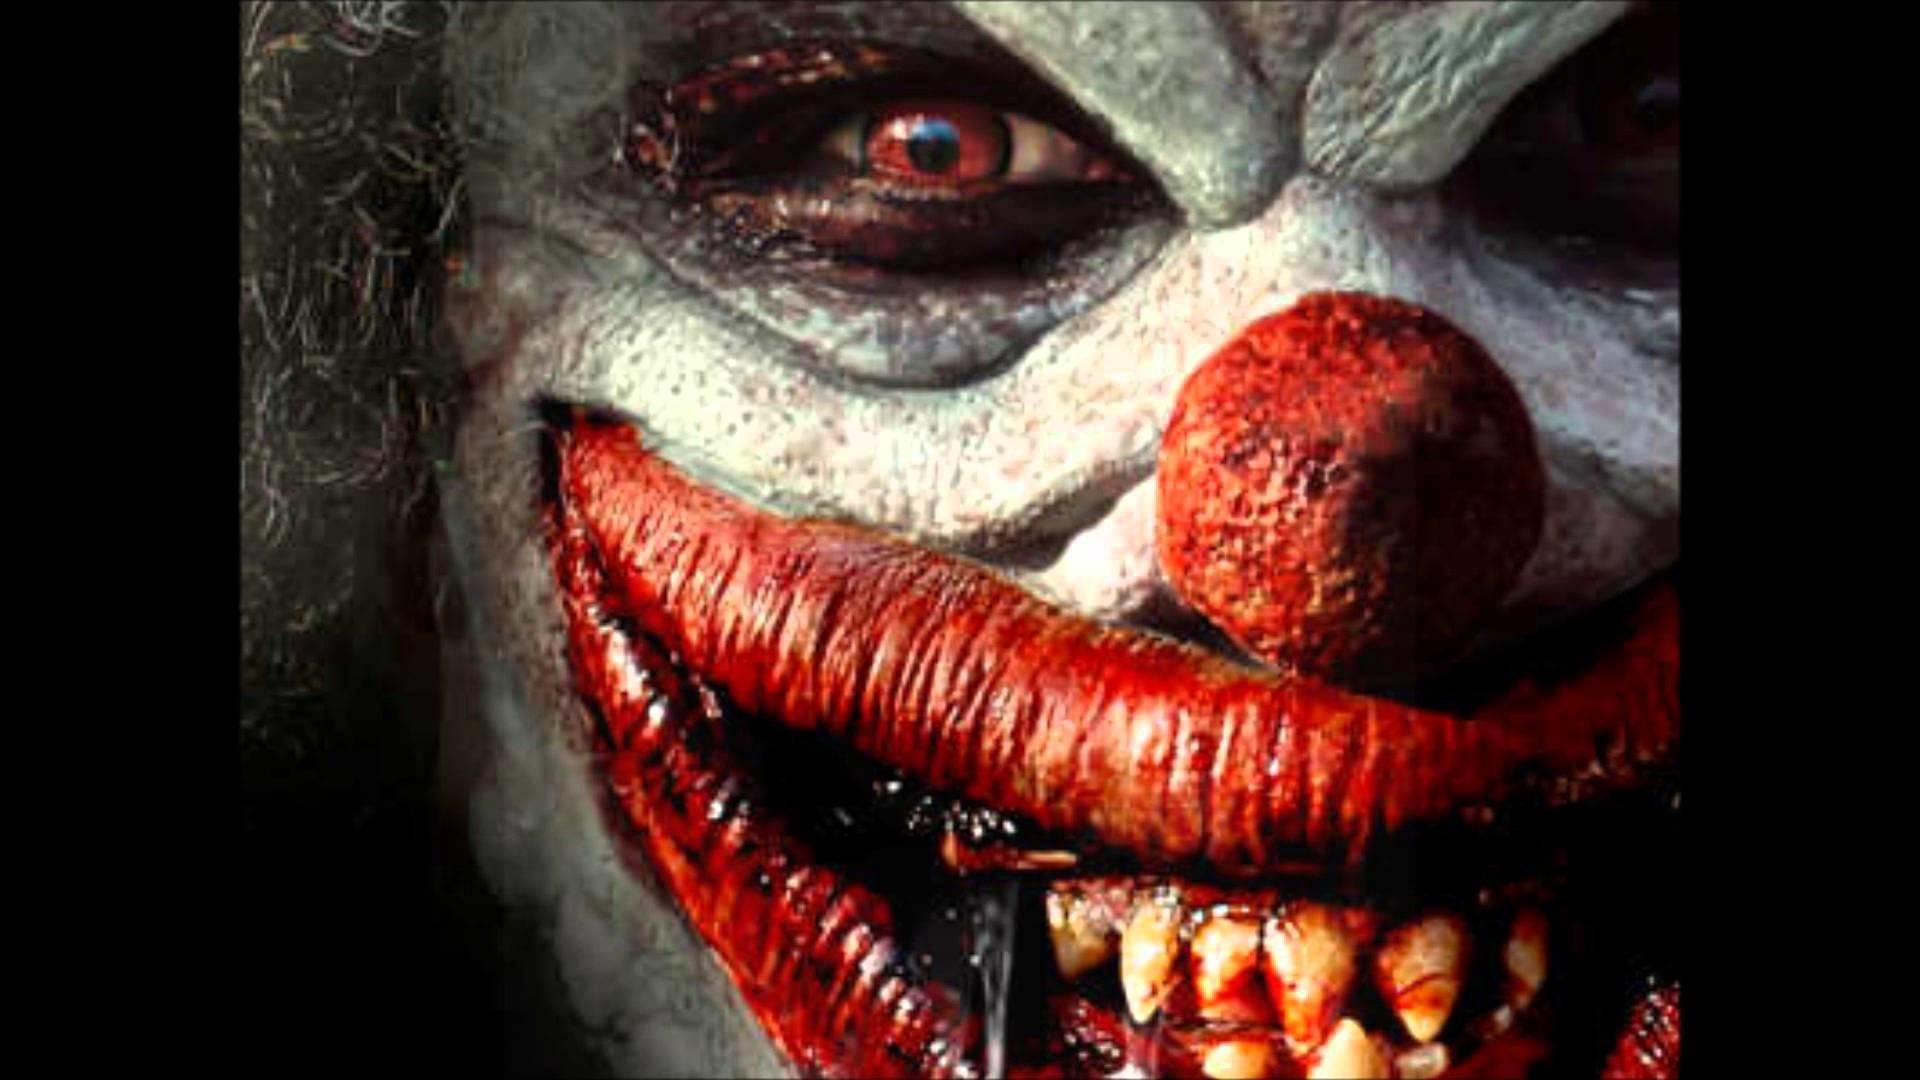 Evil Clown Wallpaper Hd Evil clown wal